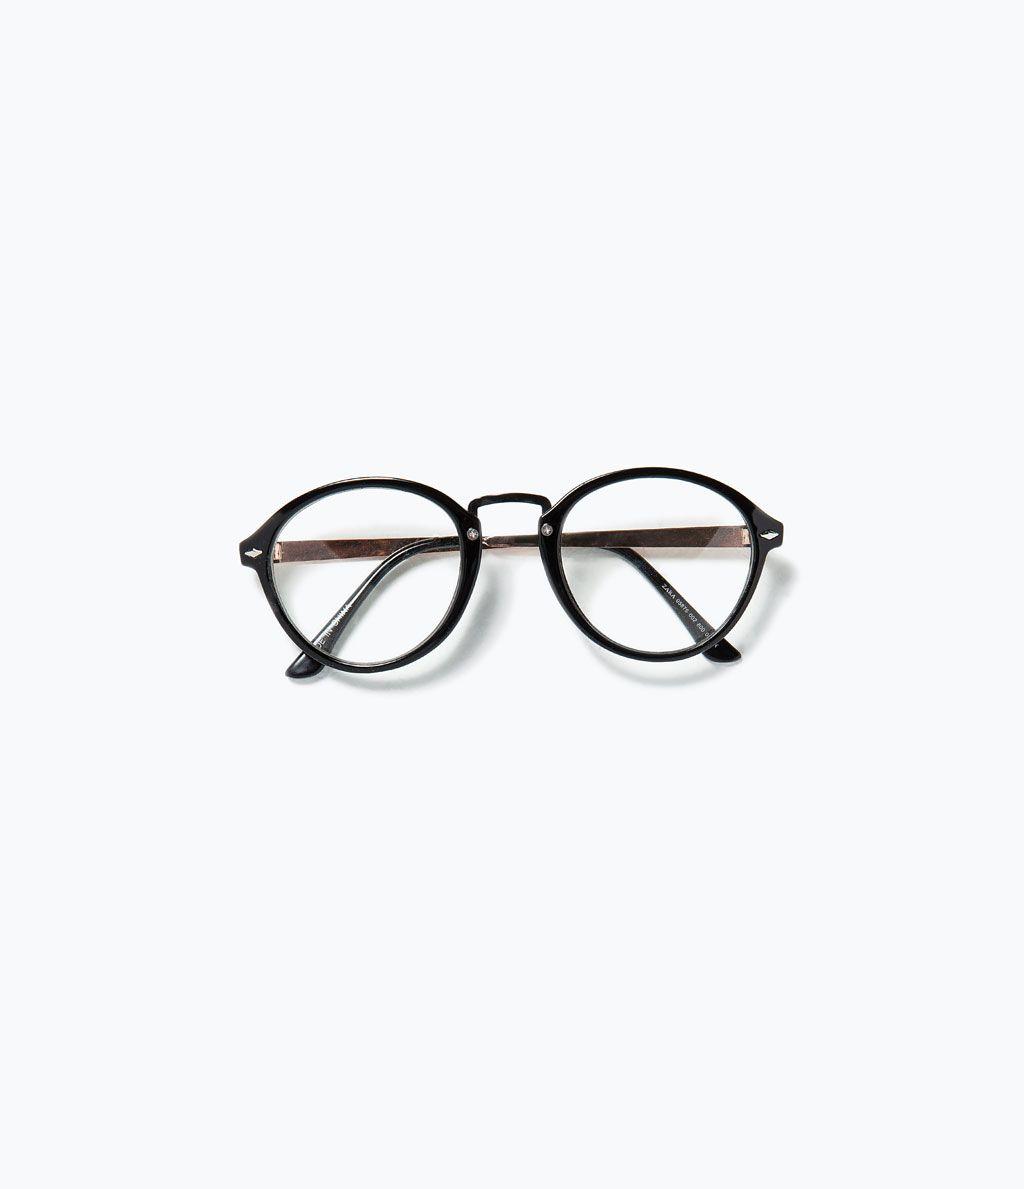 5d1e73758b ZARA - WOMAN - EYEGLASSES Geek Glasses